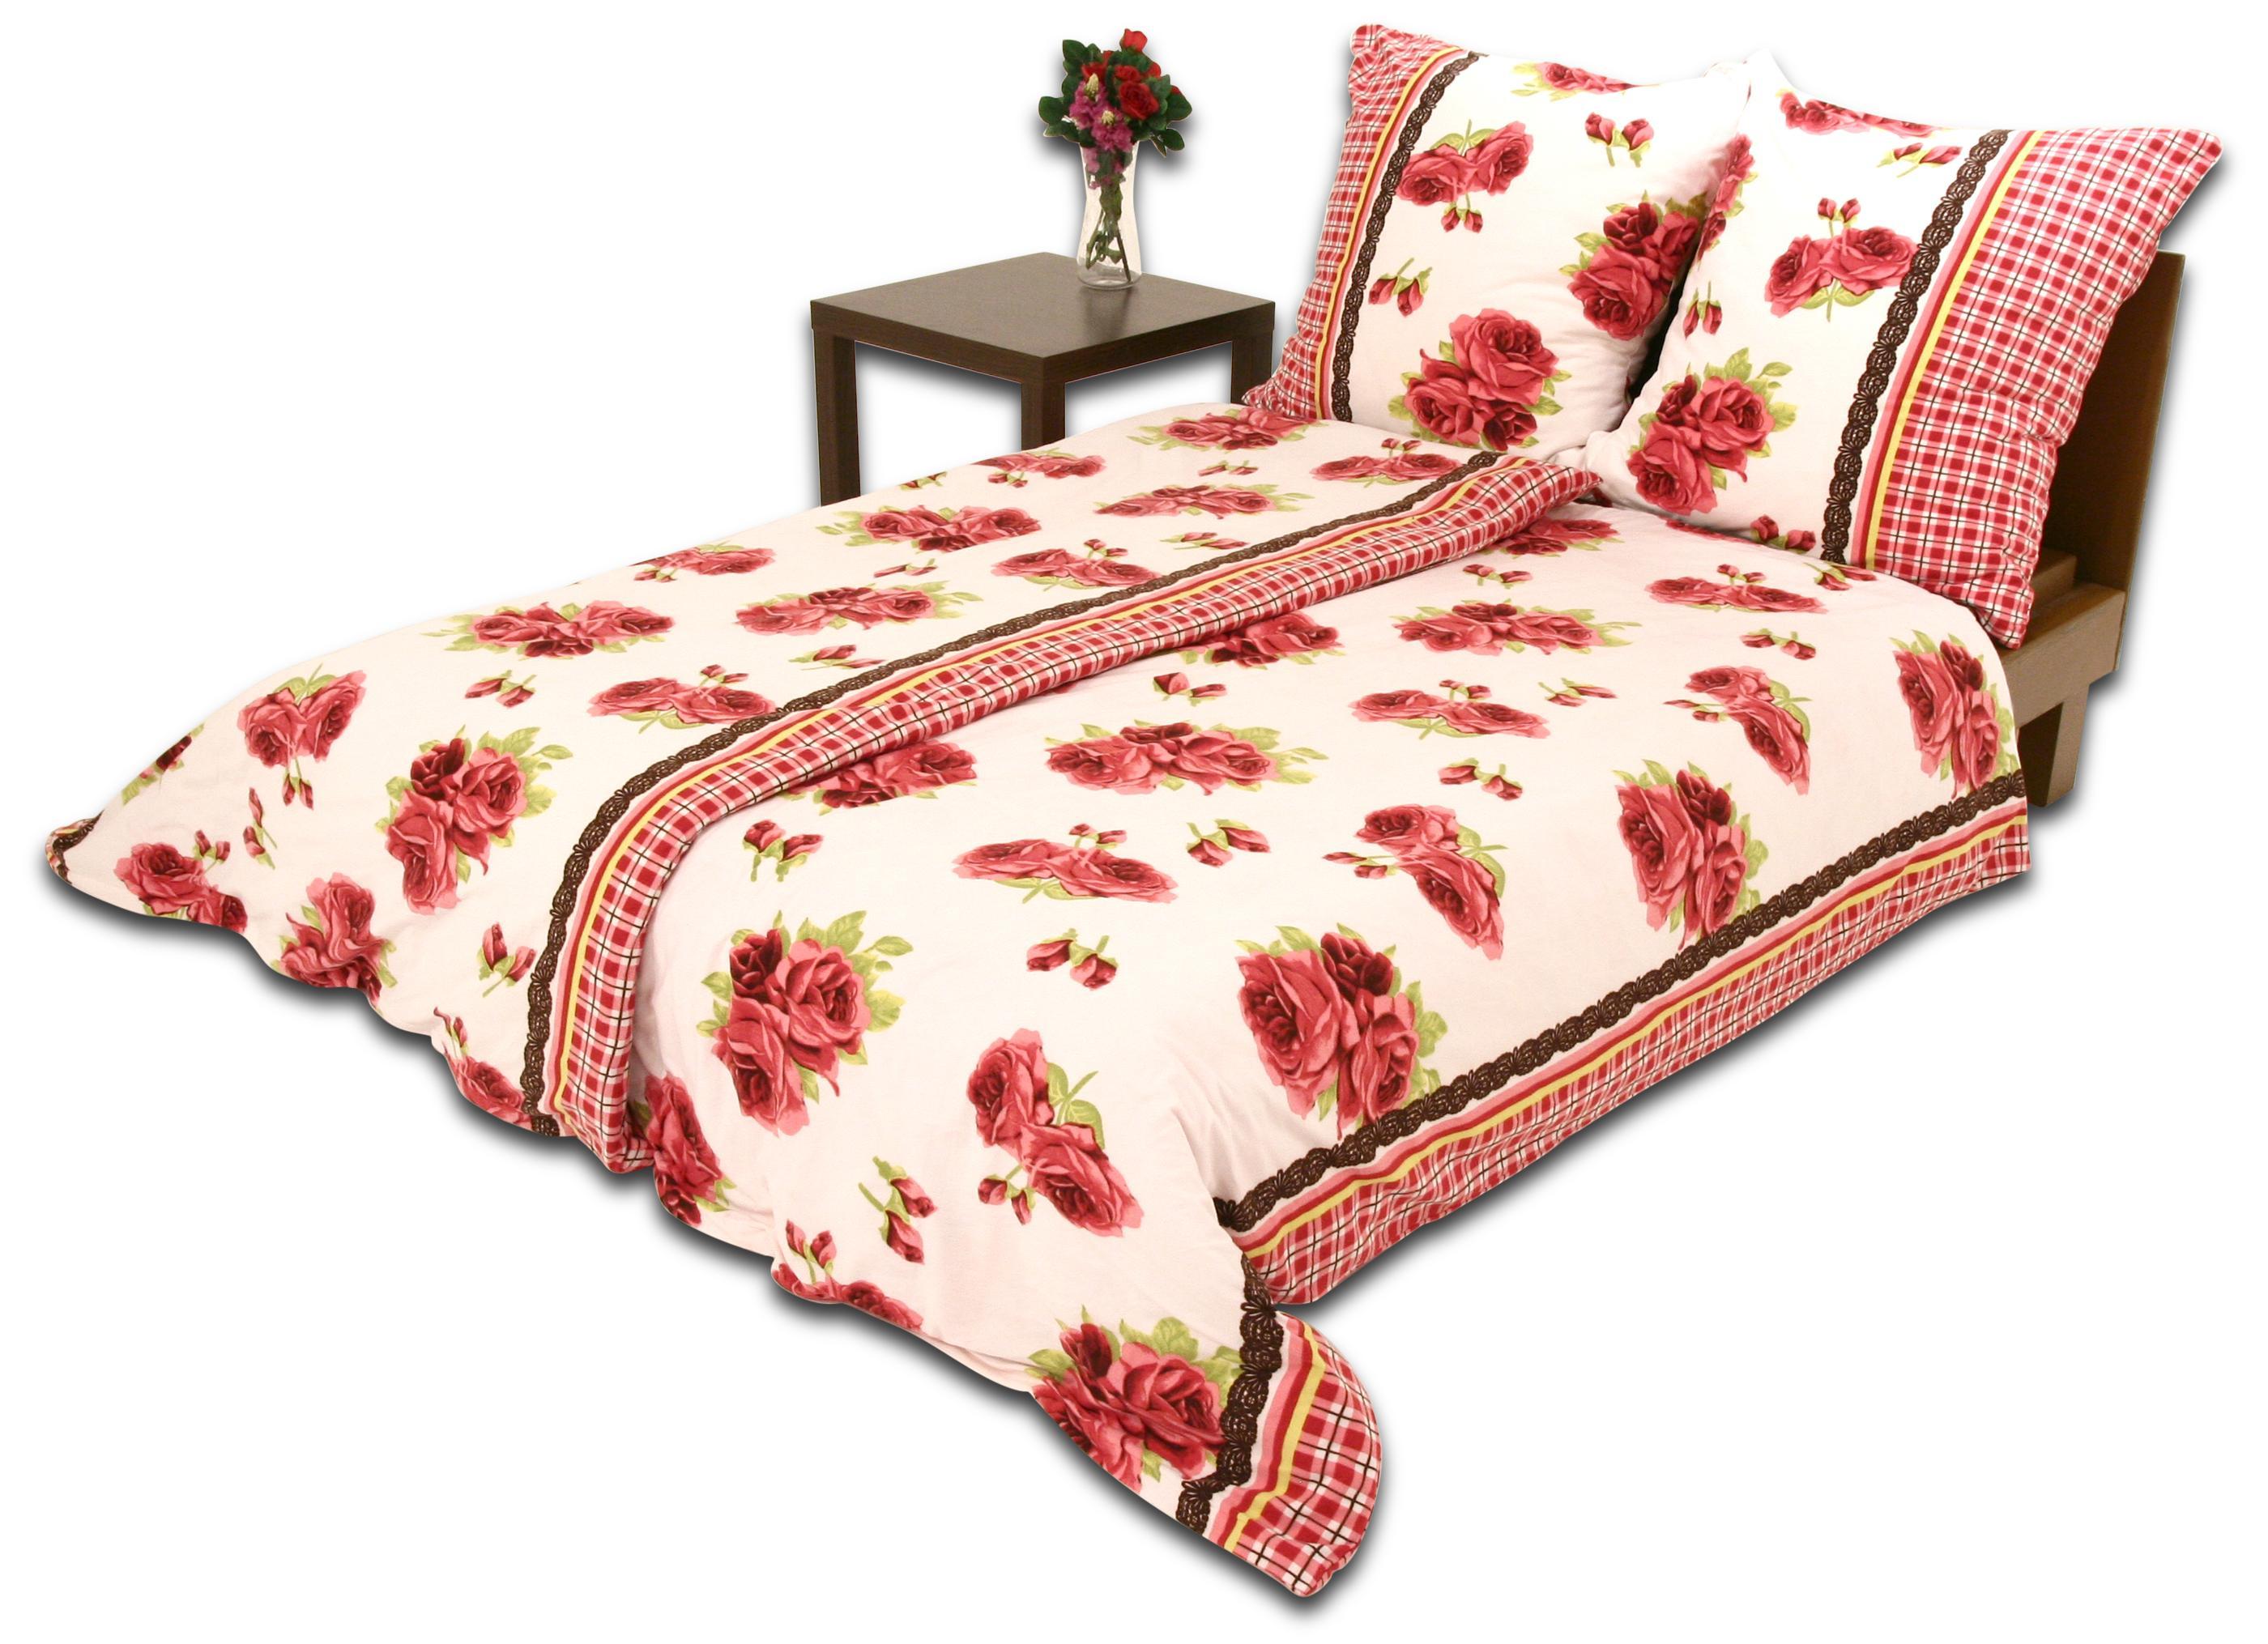 stoffhanse bettw sche 4tlg bettw sche. Black Bedroom Furniture Sets. Home Design Ideas